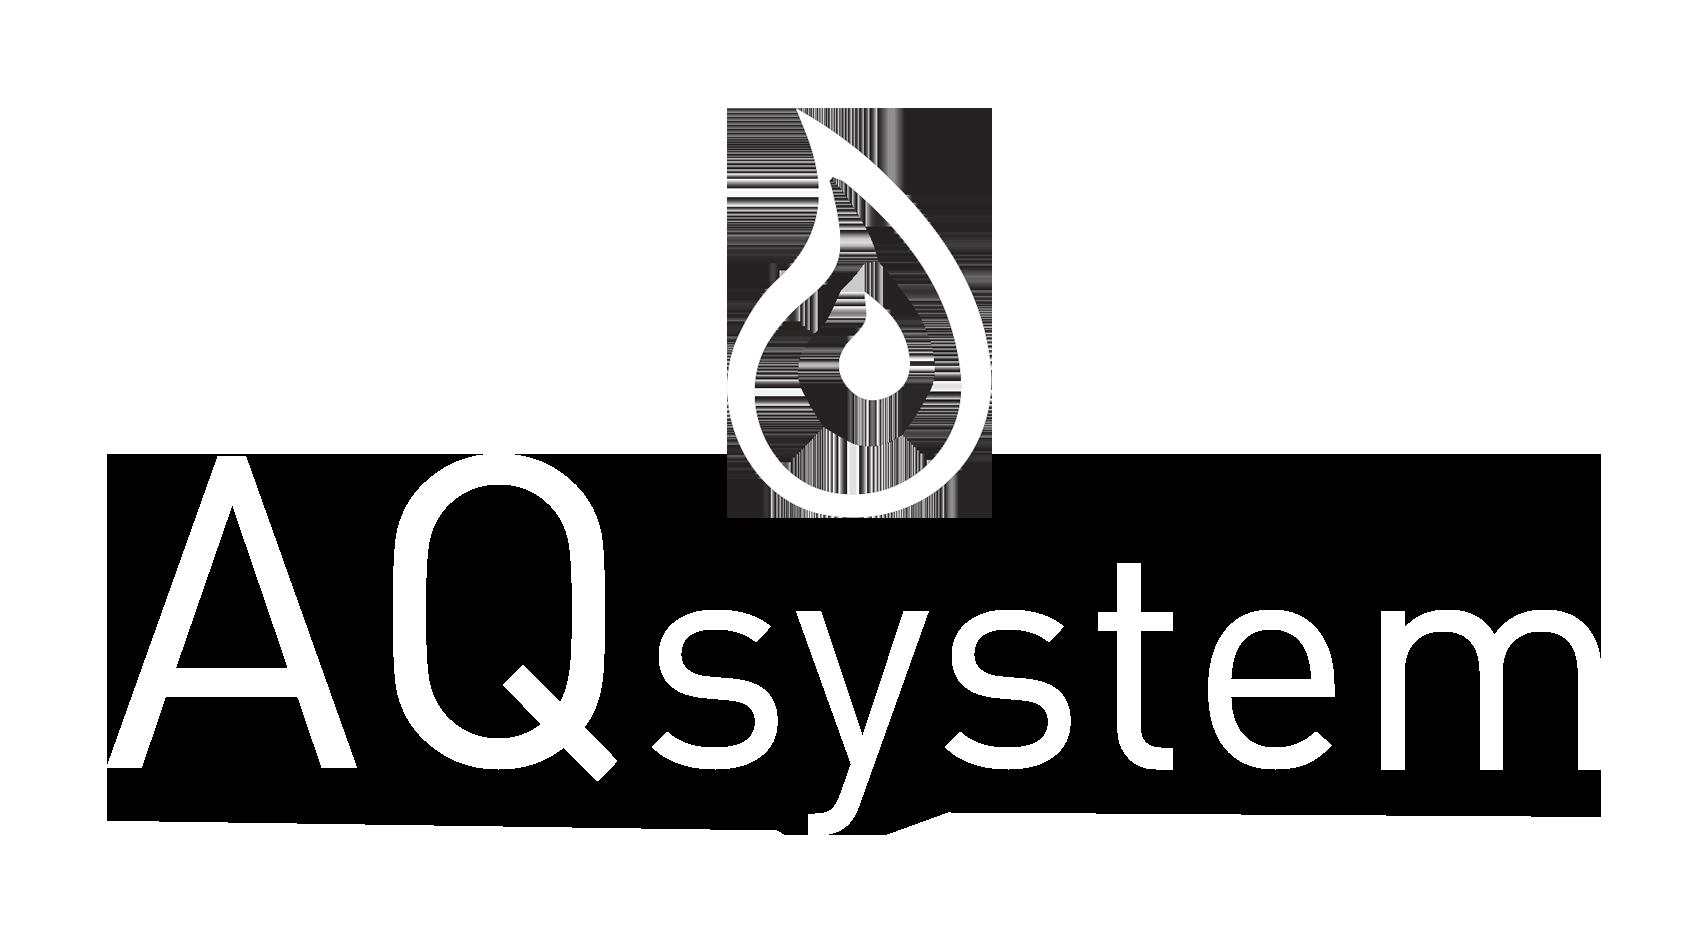 AQsystem